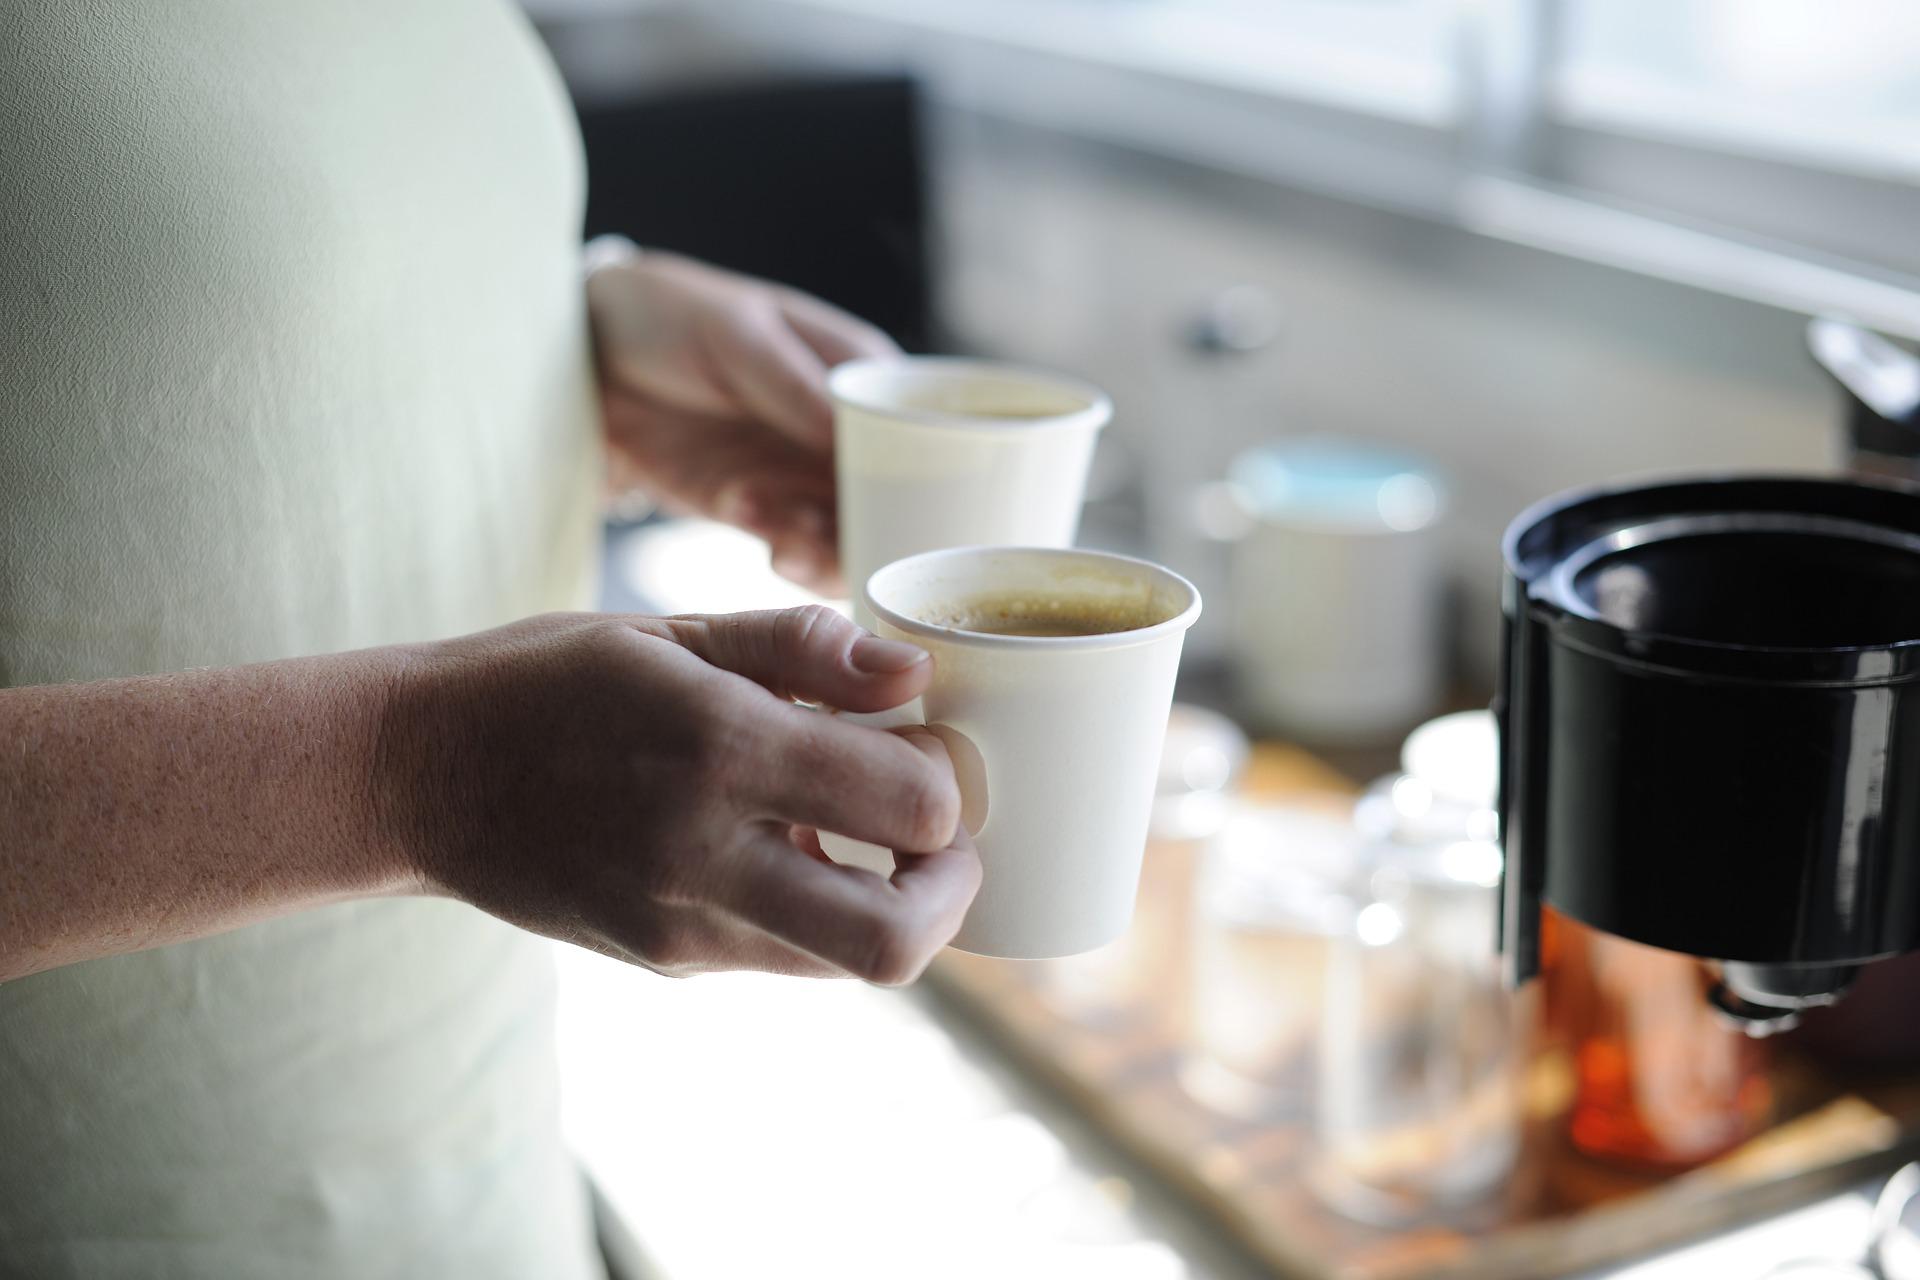 Come pulire le macchie di caffè secche dalla maglietta bianca